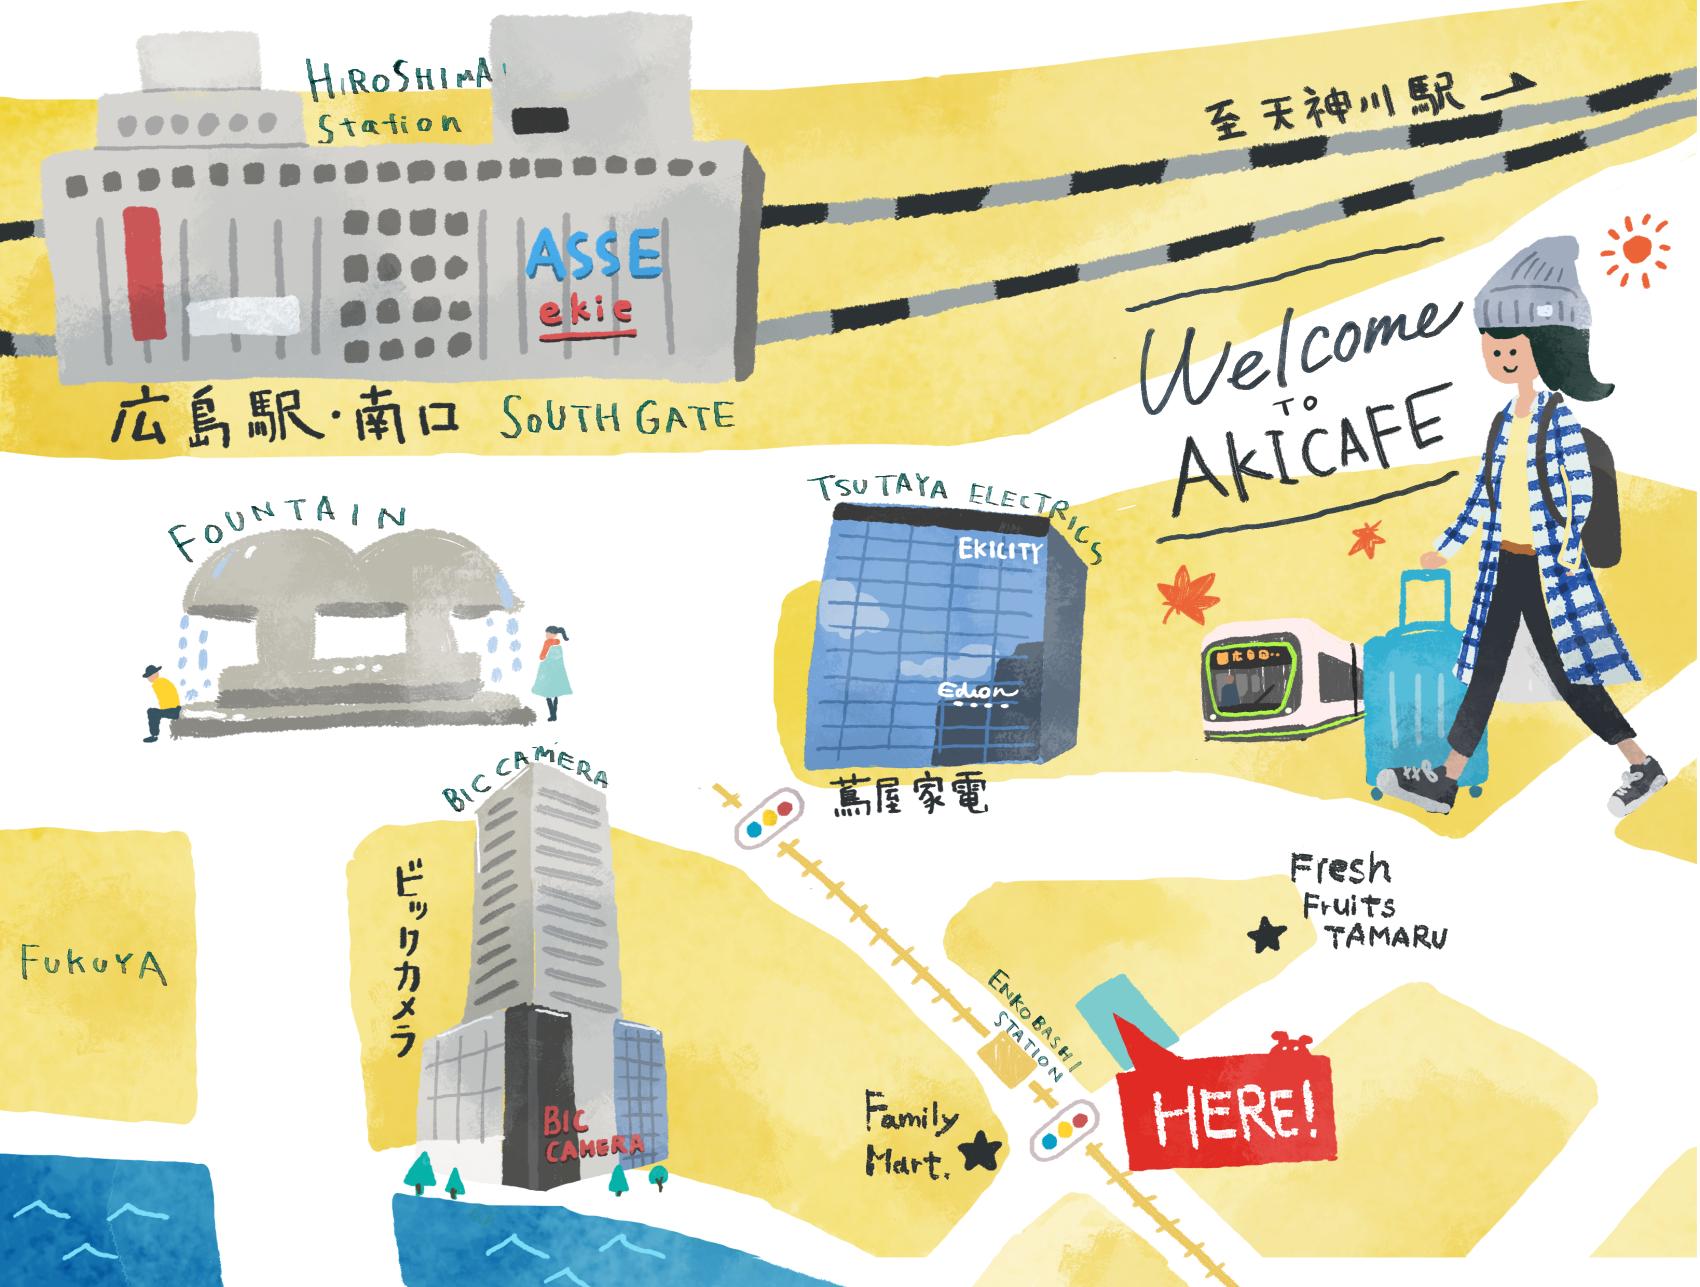 アキカフェ周辺のイラスト地図